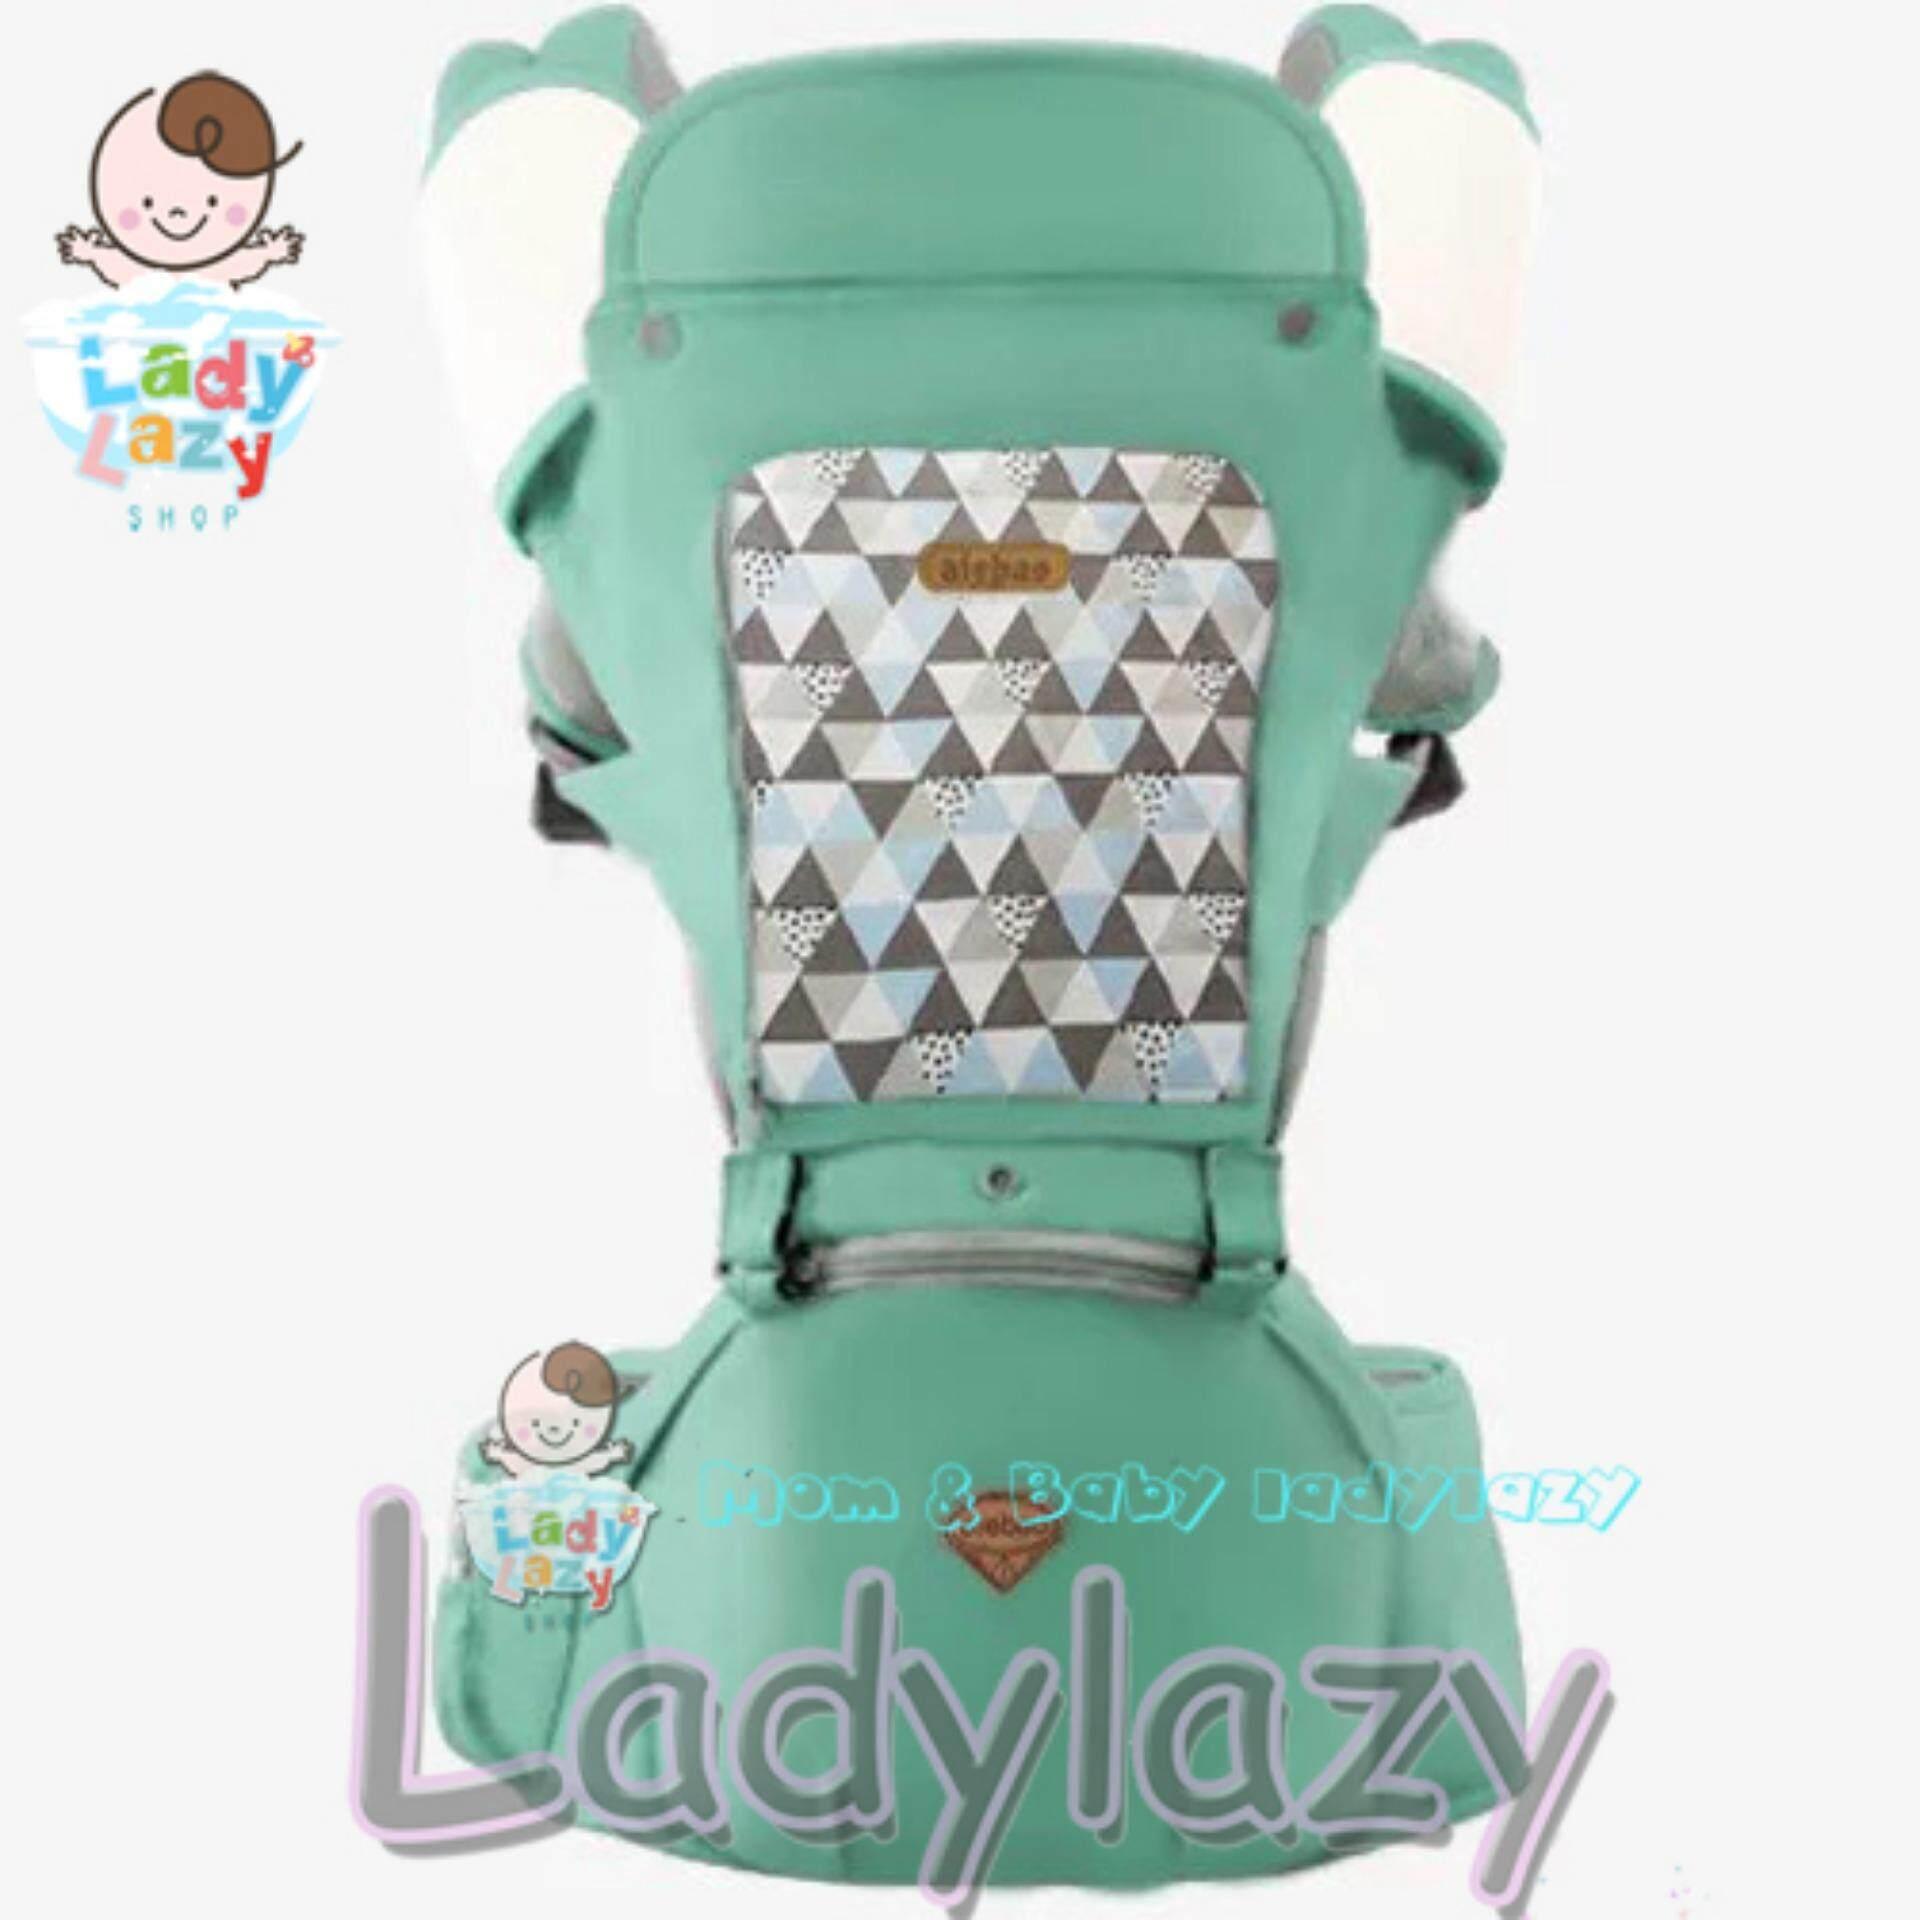 โปรโมชั่น ladylazyเป้อุ้มเด็ก(aiebao) Hip seat 2 in1 พาสเทล(Pastel) สีเขียว